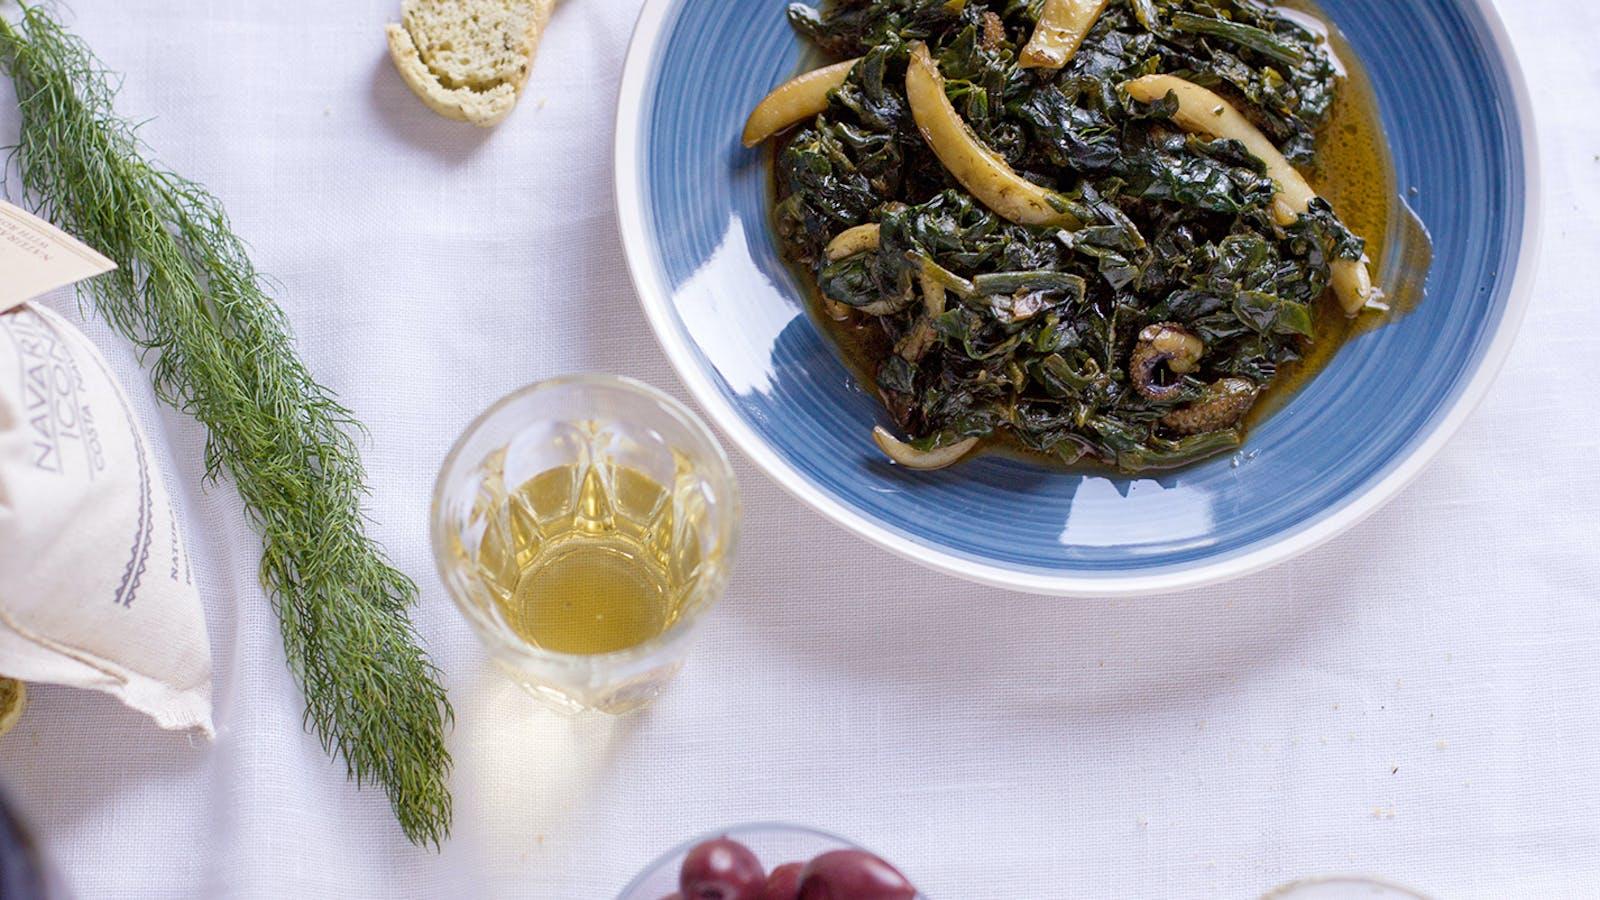 Cuttlefish spinach recipe